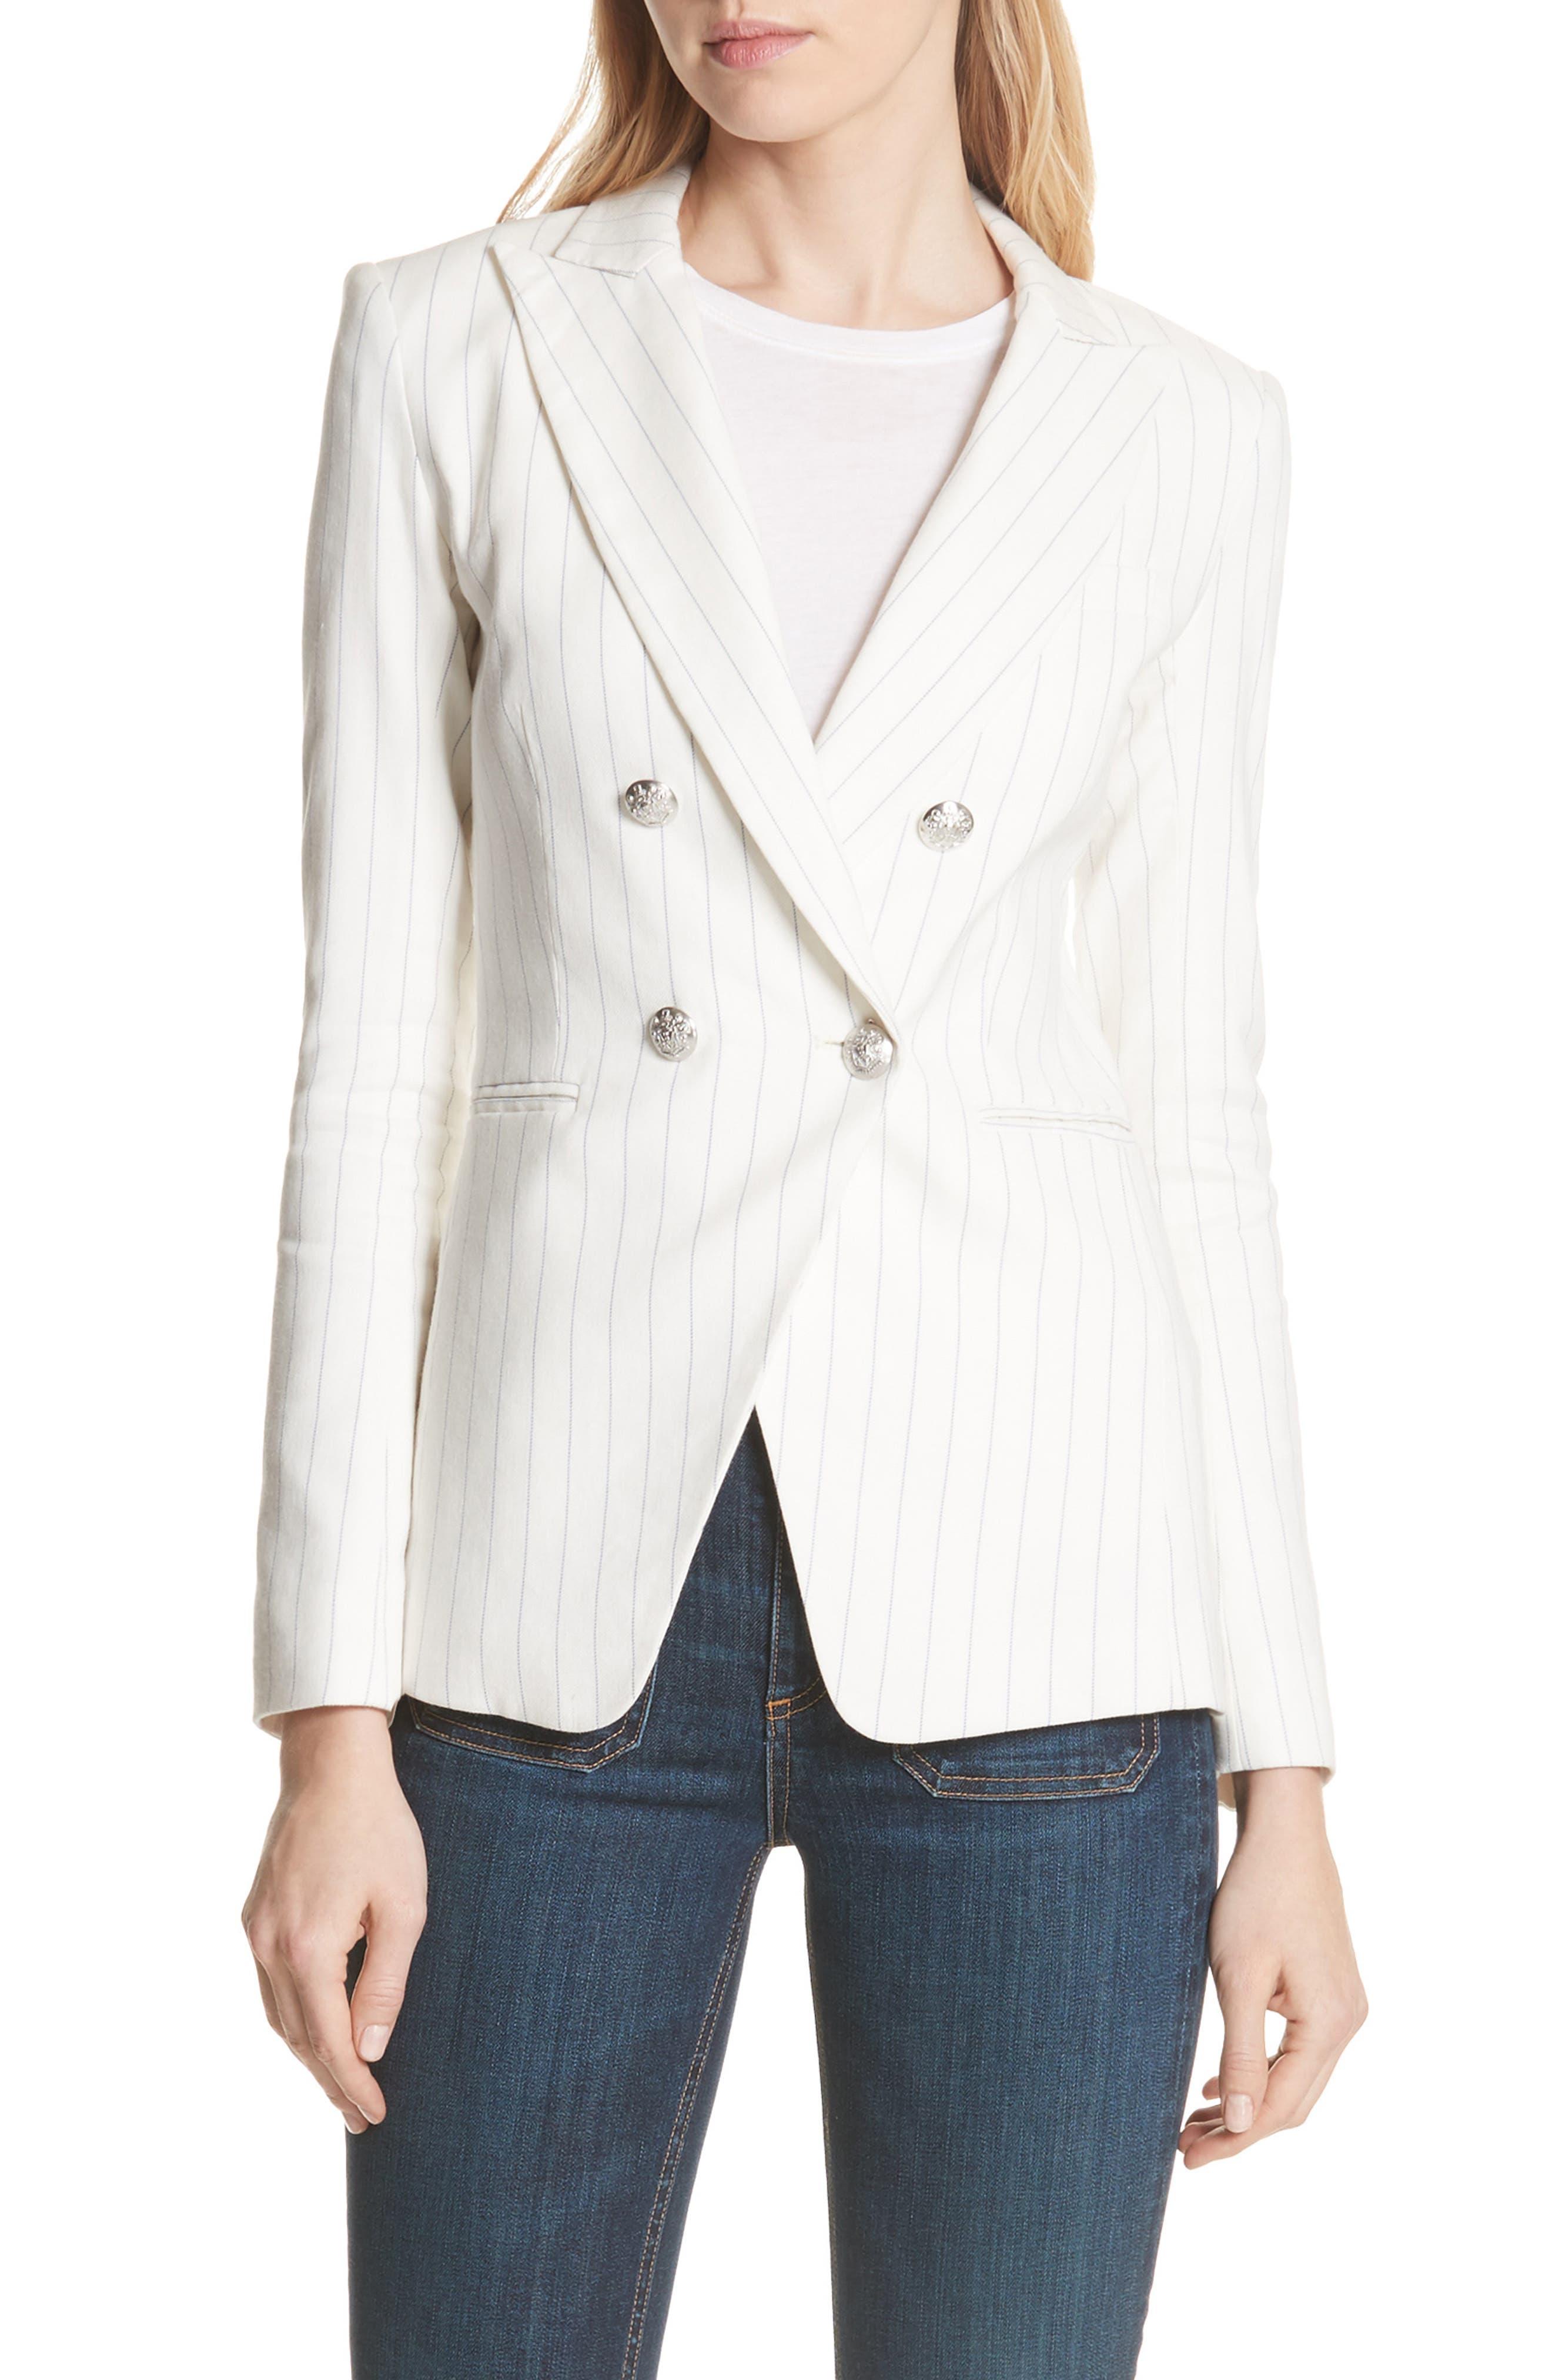 Apollo Pinstripe Jacket,                             Main thumbnail 1, color,                             Off White/ Blue Stripe